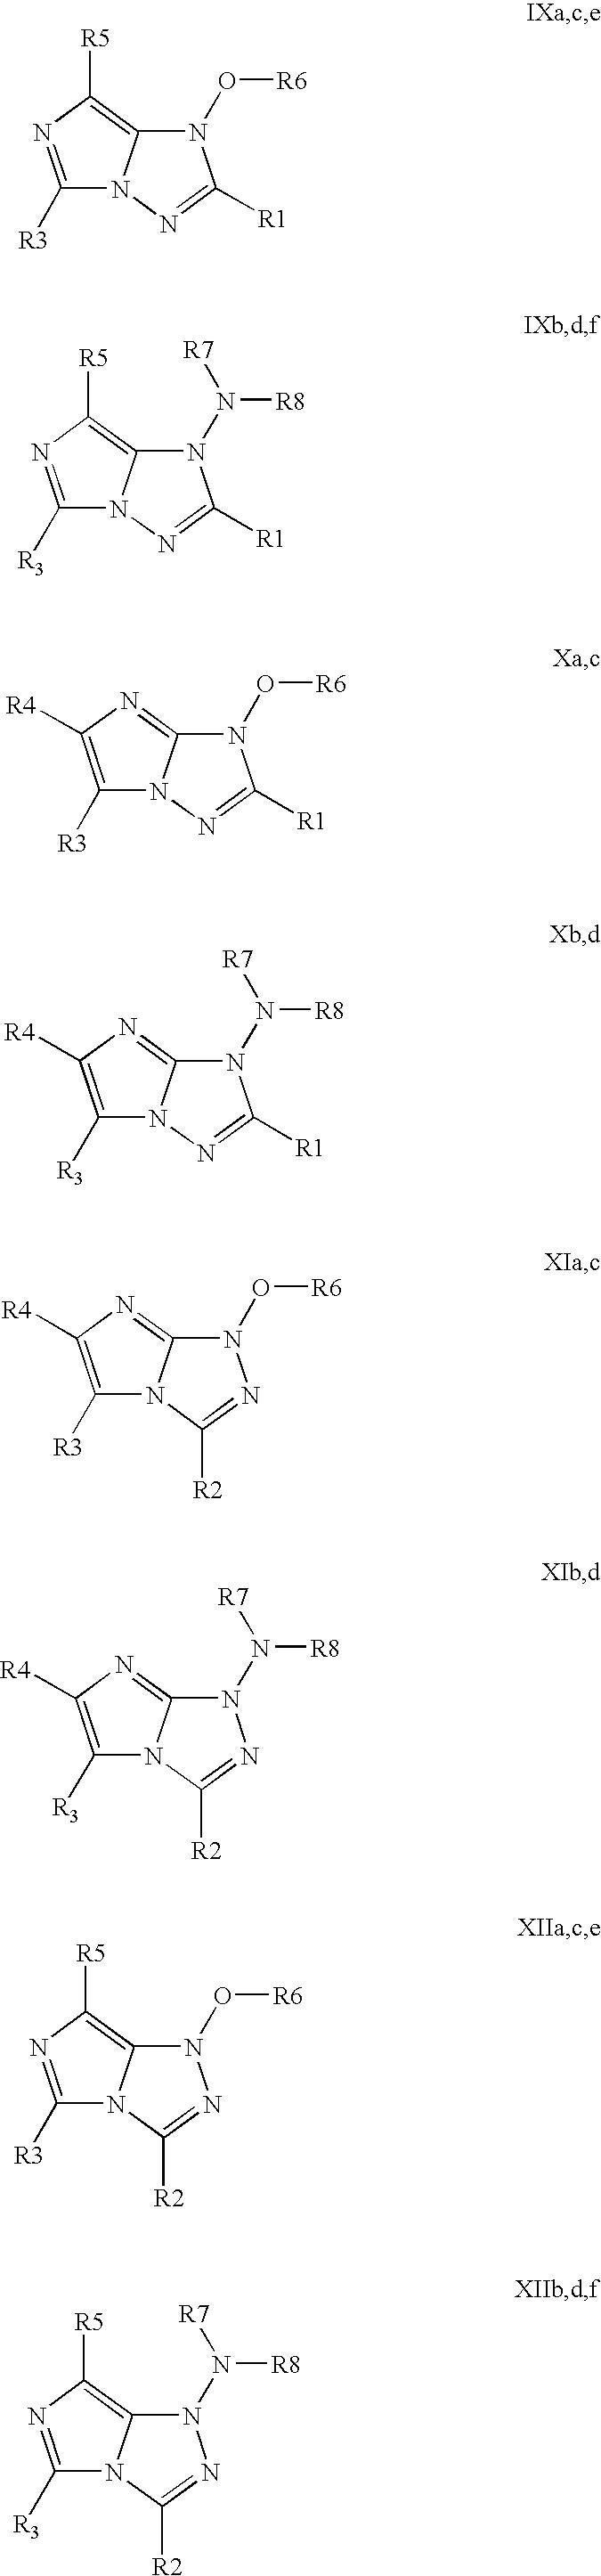 Figure US07288123-20071030-C00072